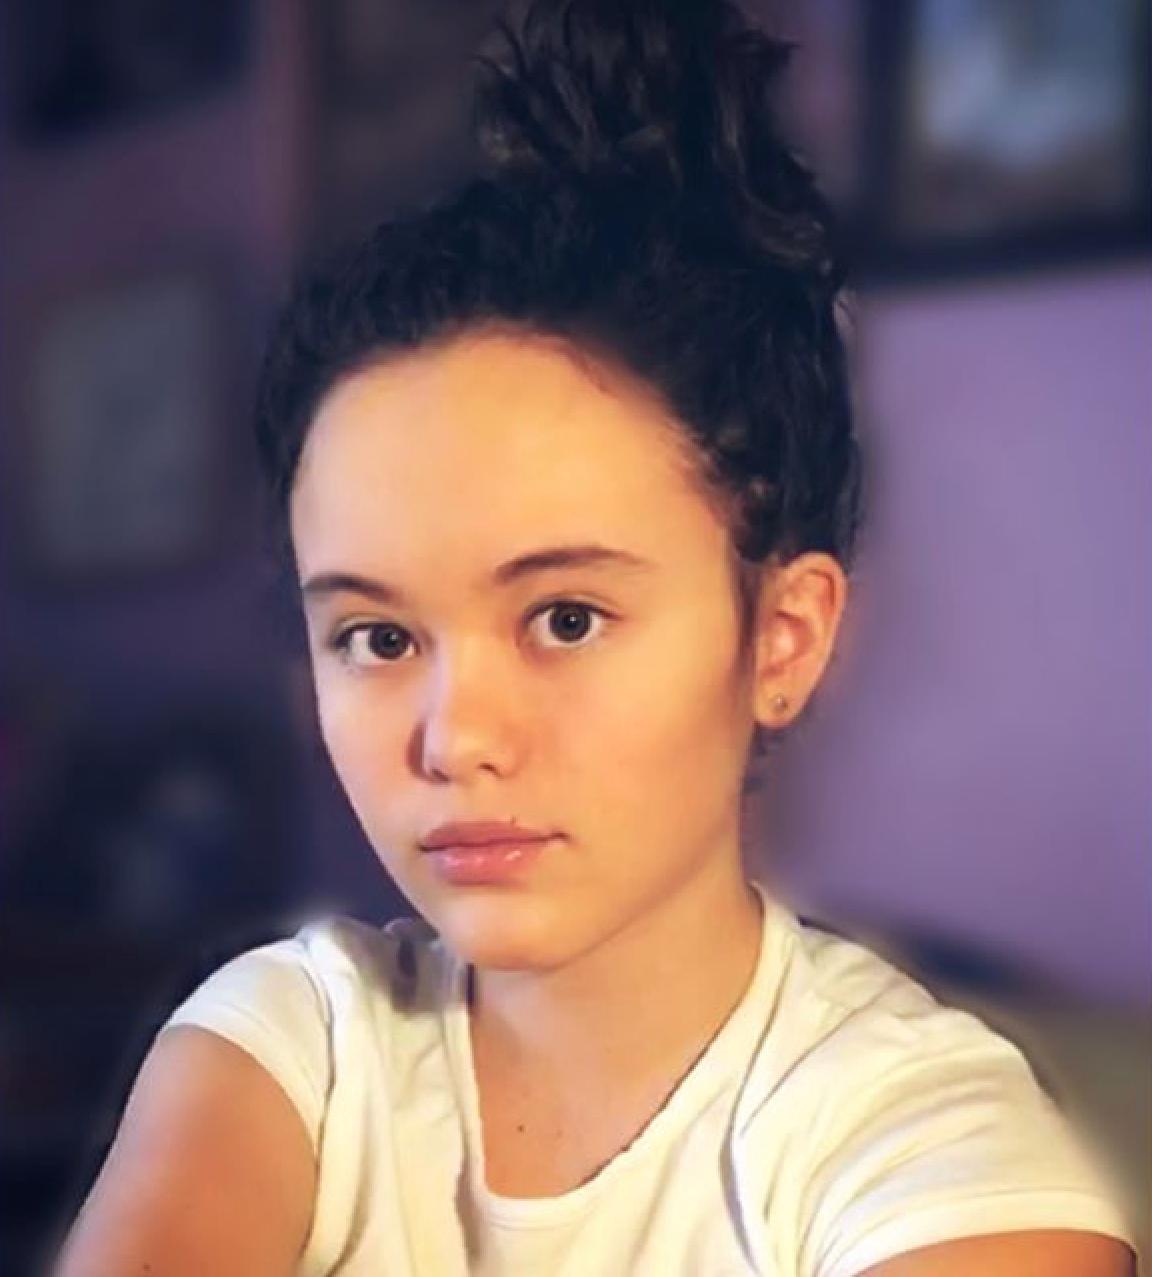 Regina Carrillo